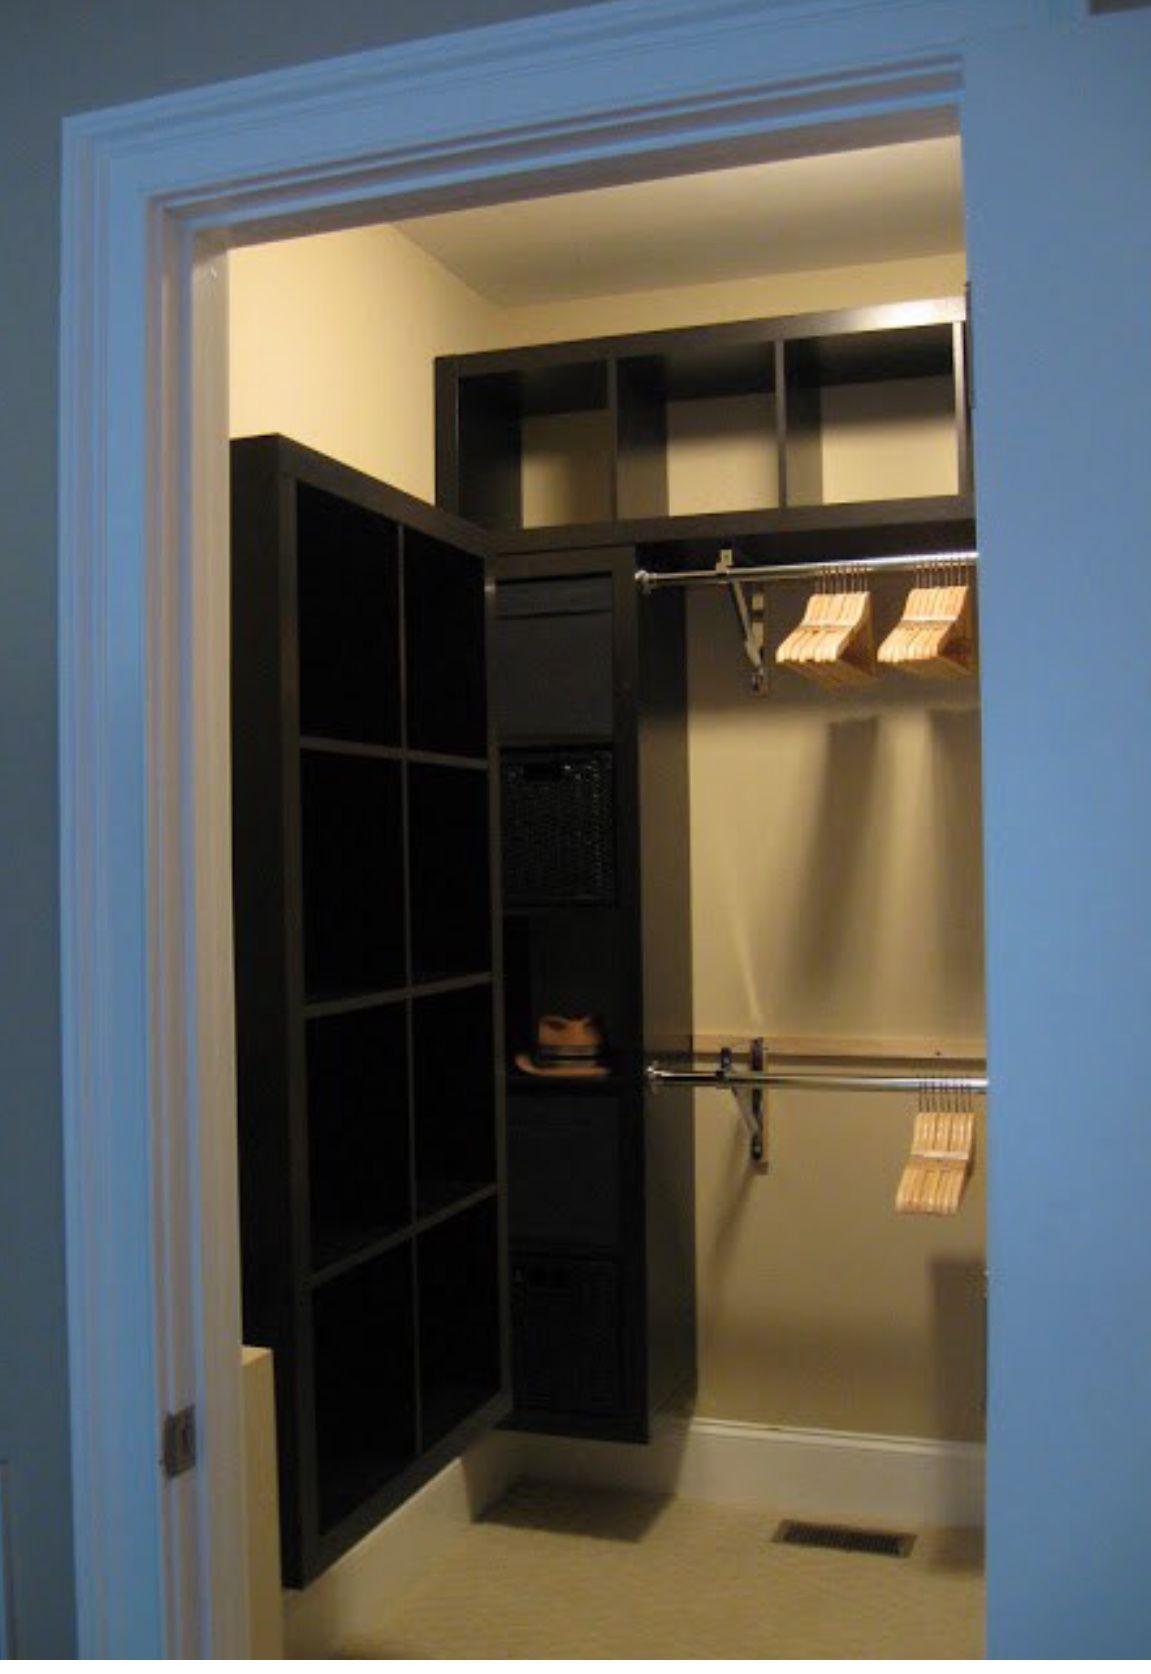 Idee Dressing Ikea Dans Un Petit Espace M Bedroom In 2018